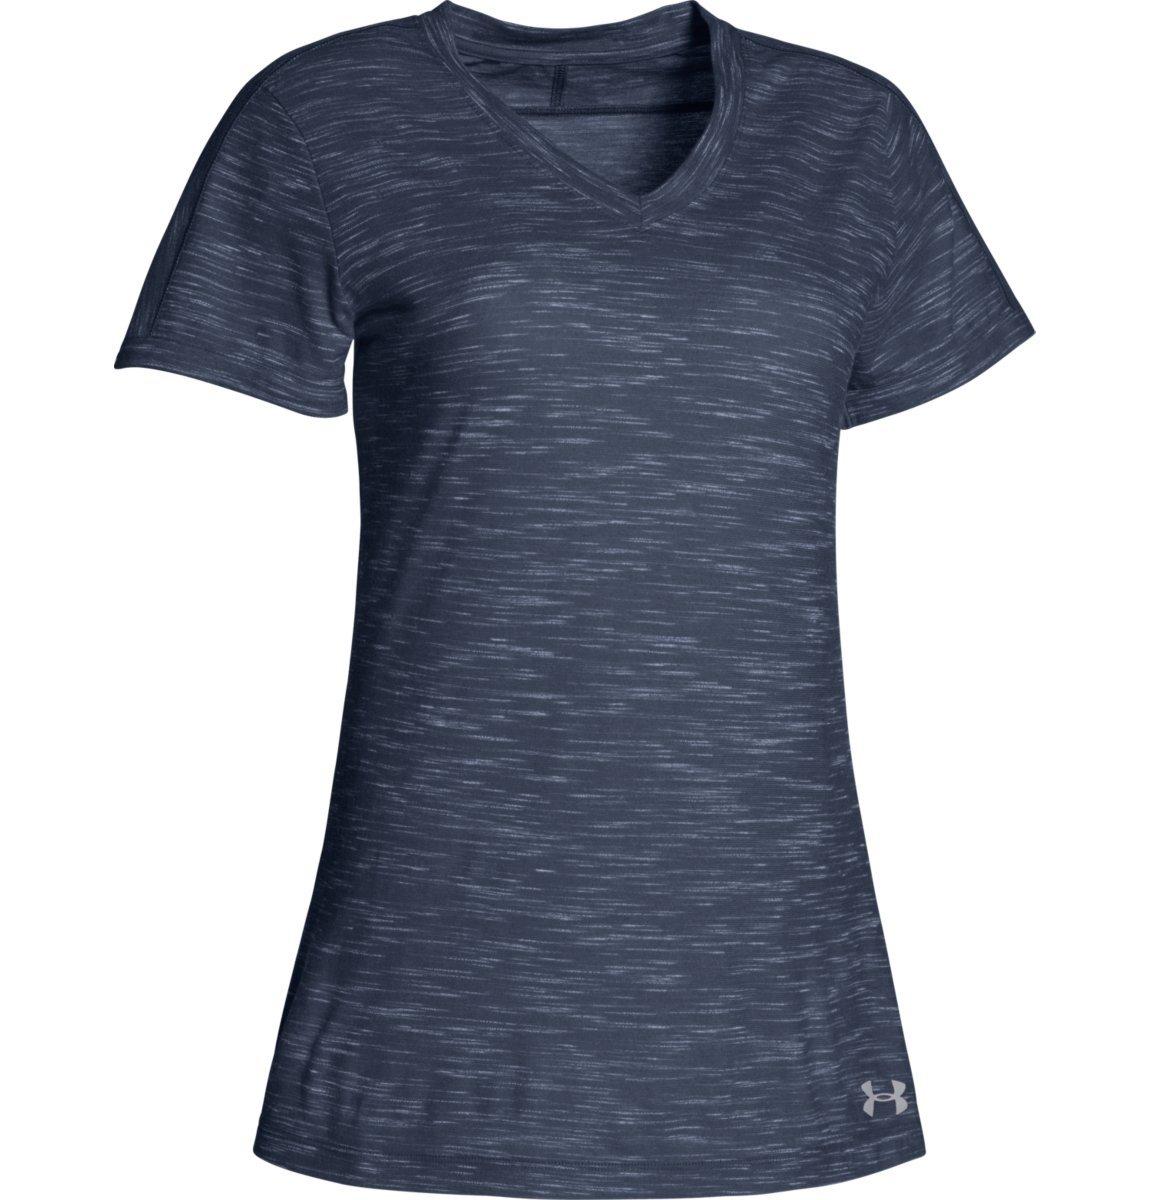 15e4770cb30 Amazon.com: Under Armour Women's UA Stadium Flow T-Shirt: Clothing